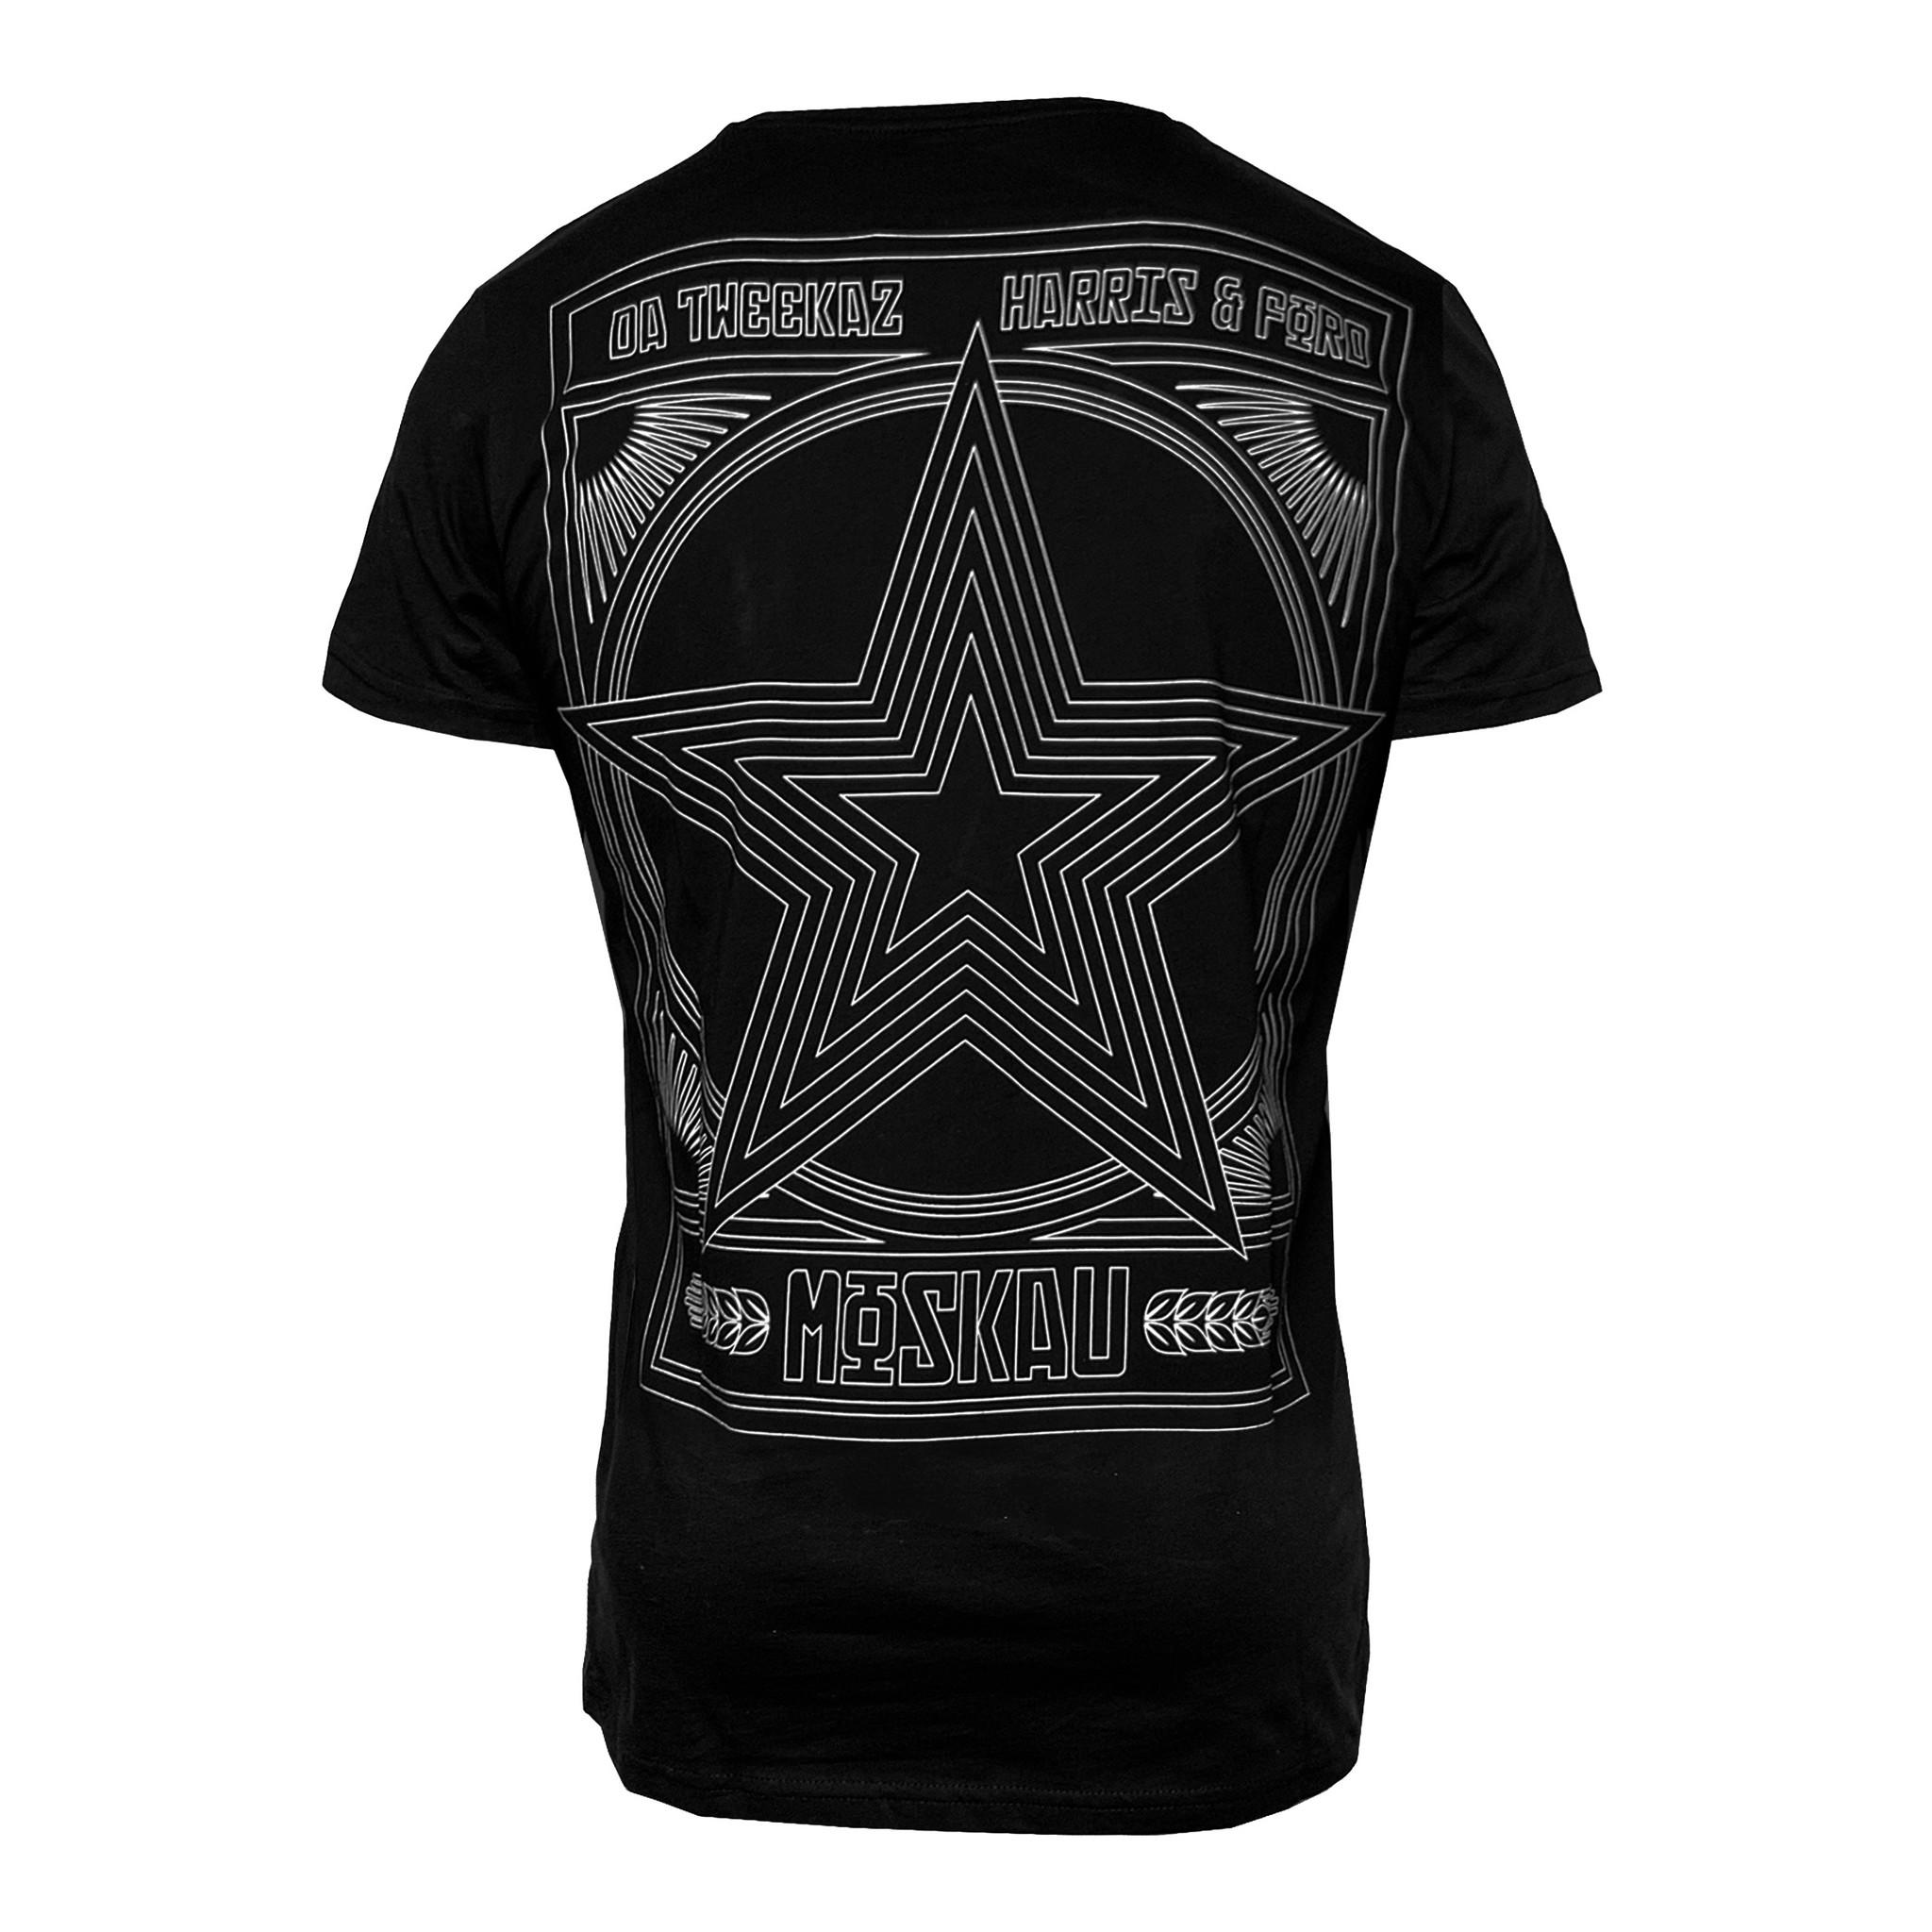 Moskau T-shirt